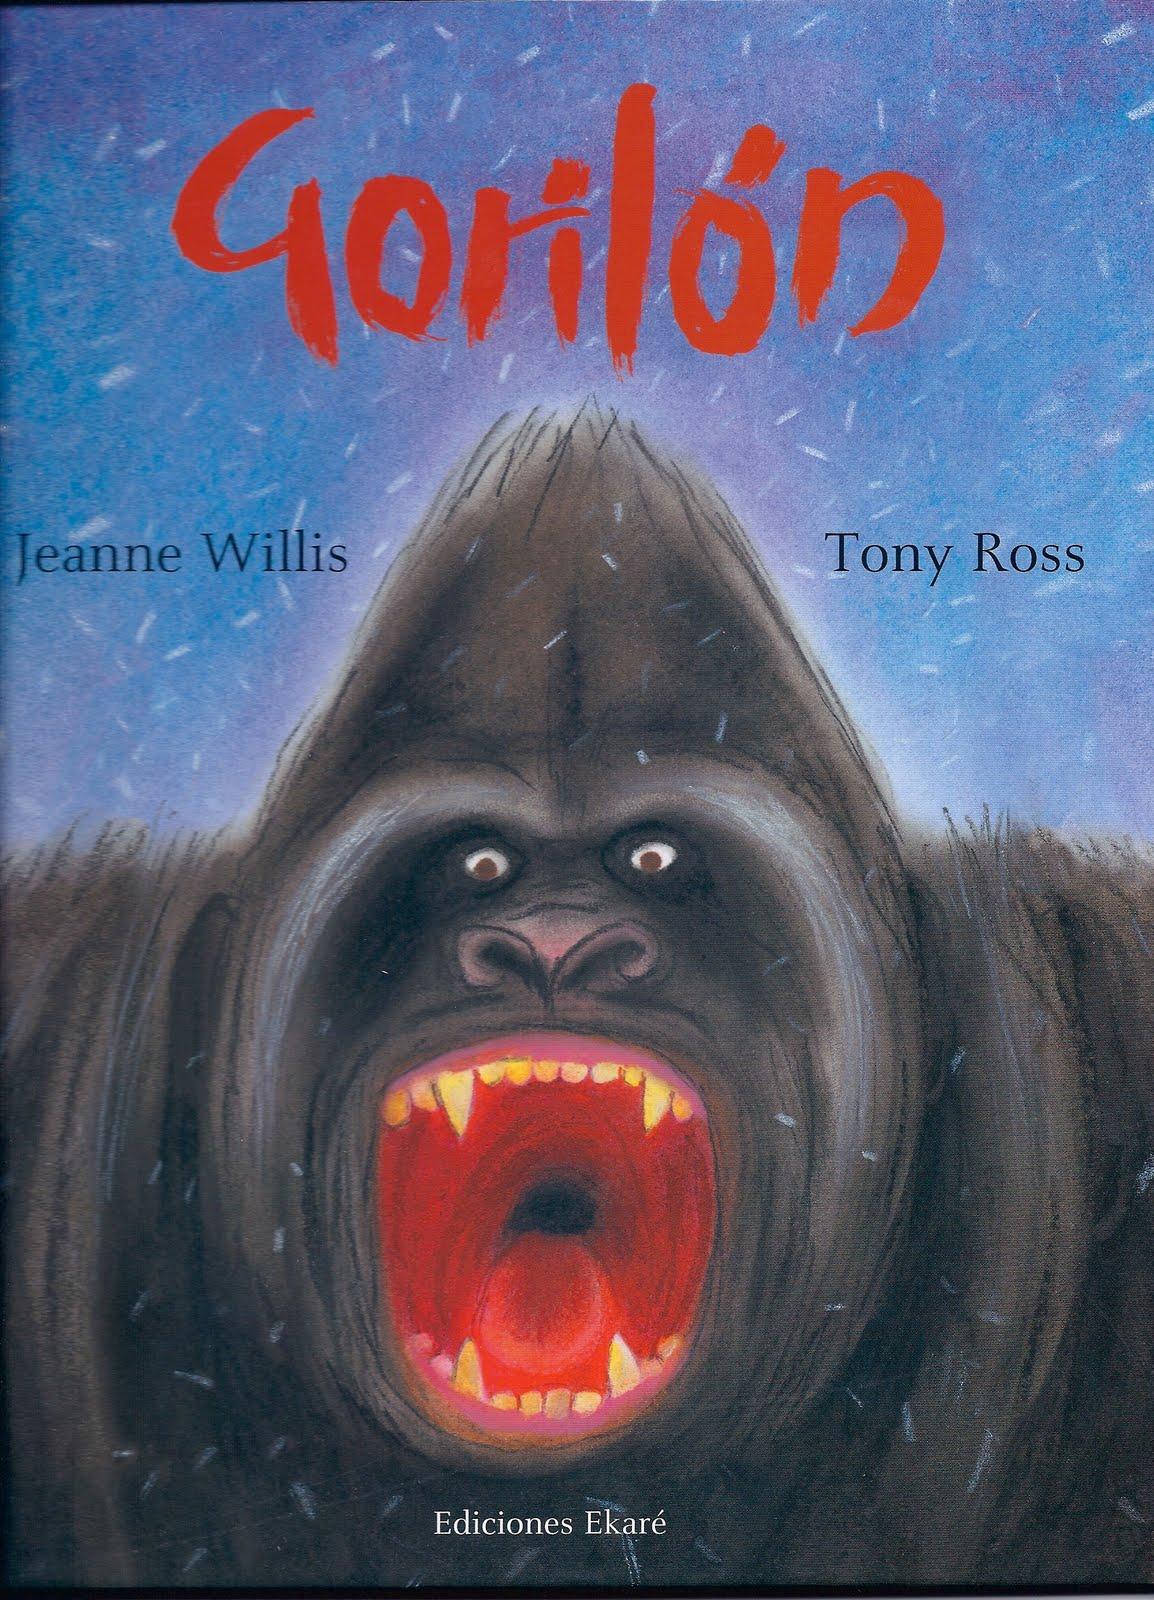 Libros para niños e ideas para su utilización: Gorilón